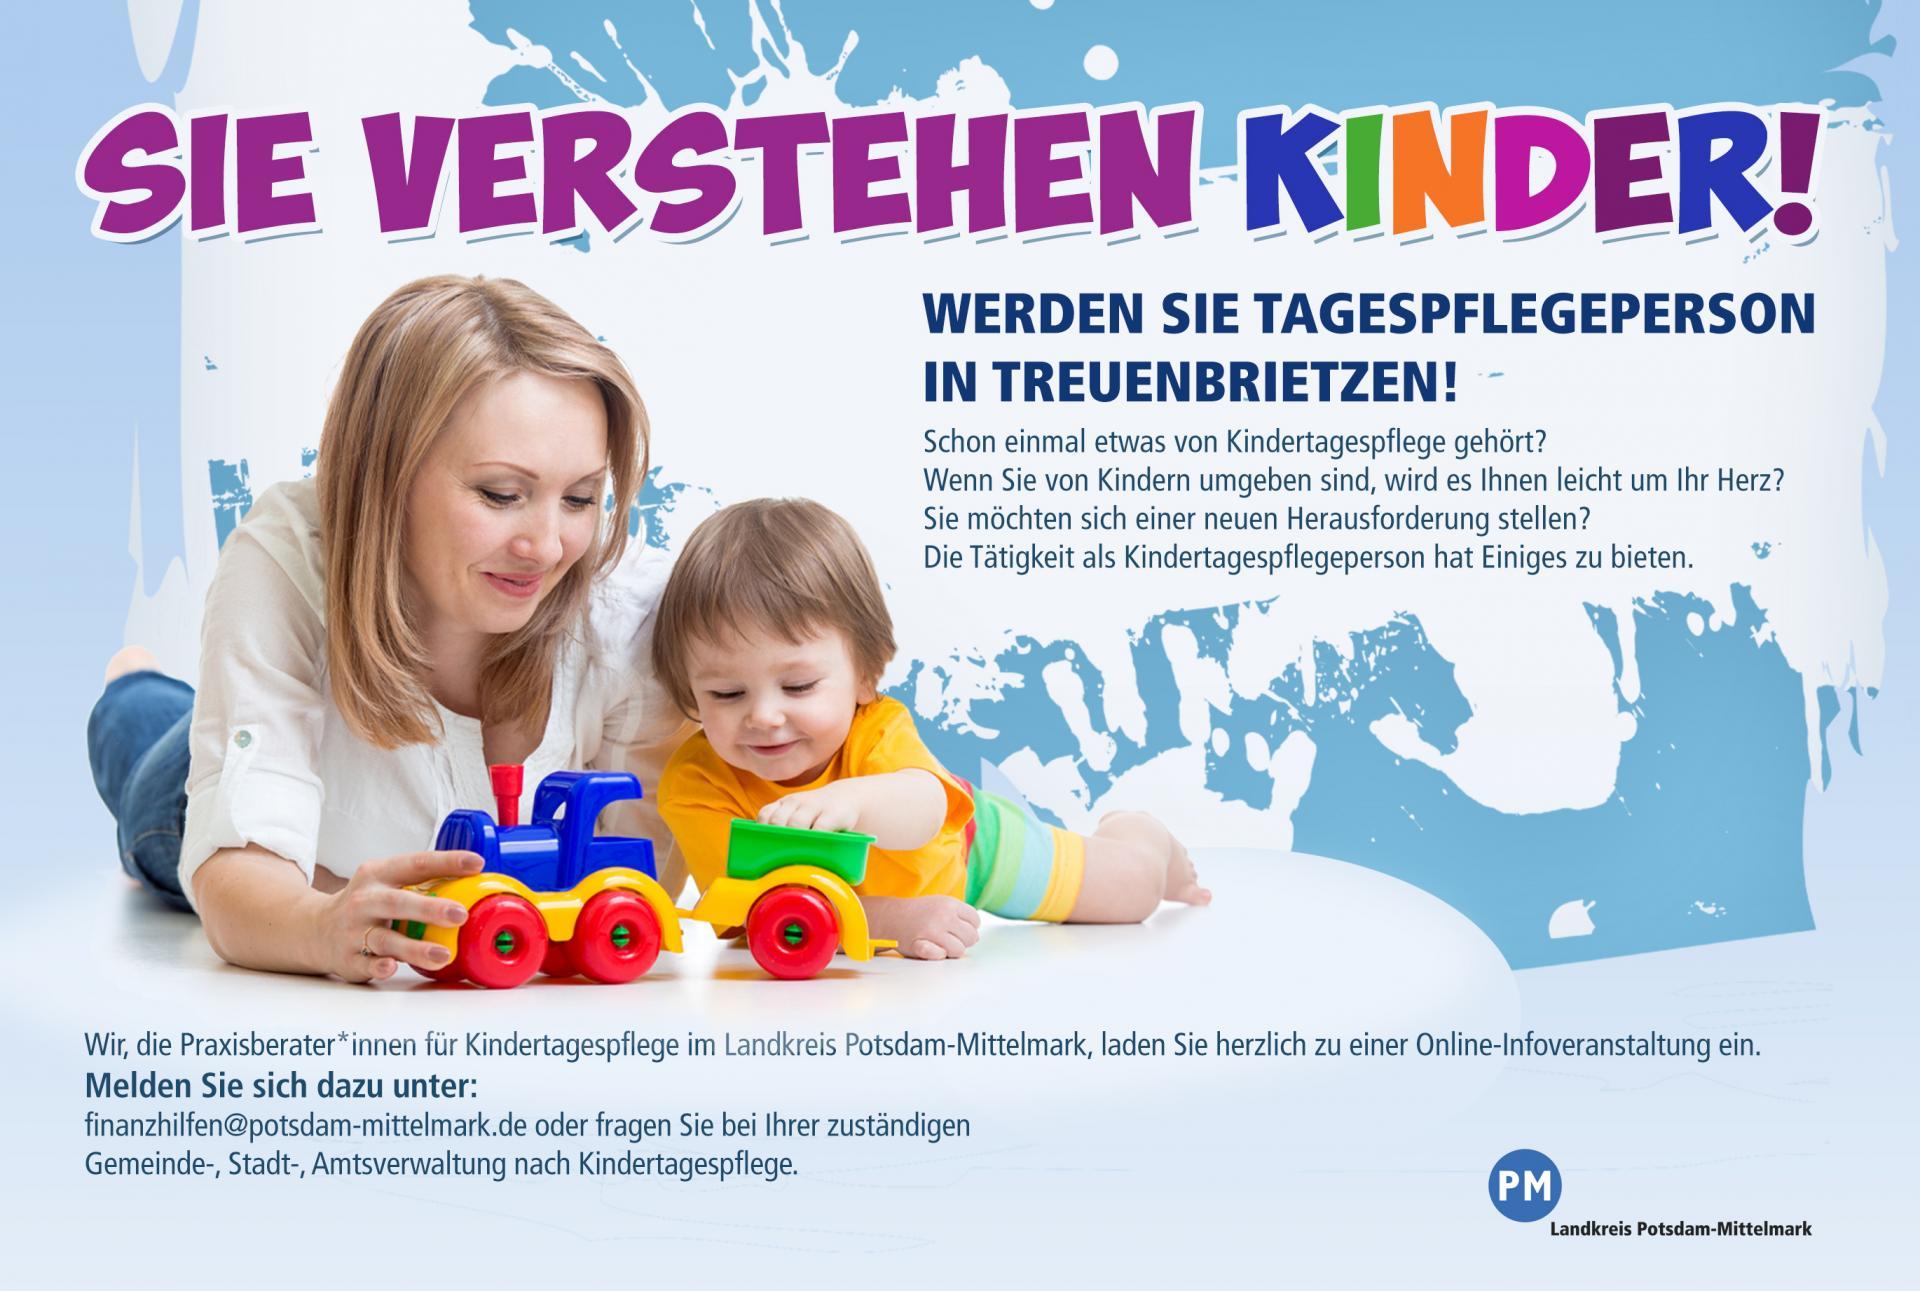 Sie verstehen Kinder! (Foto: Landkreis Potsdam-Mittelmark)